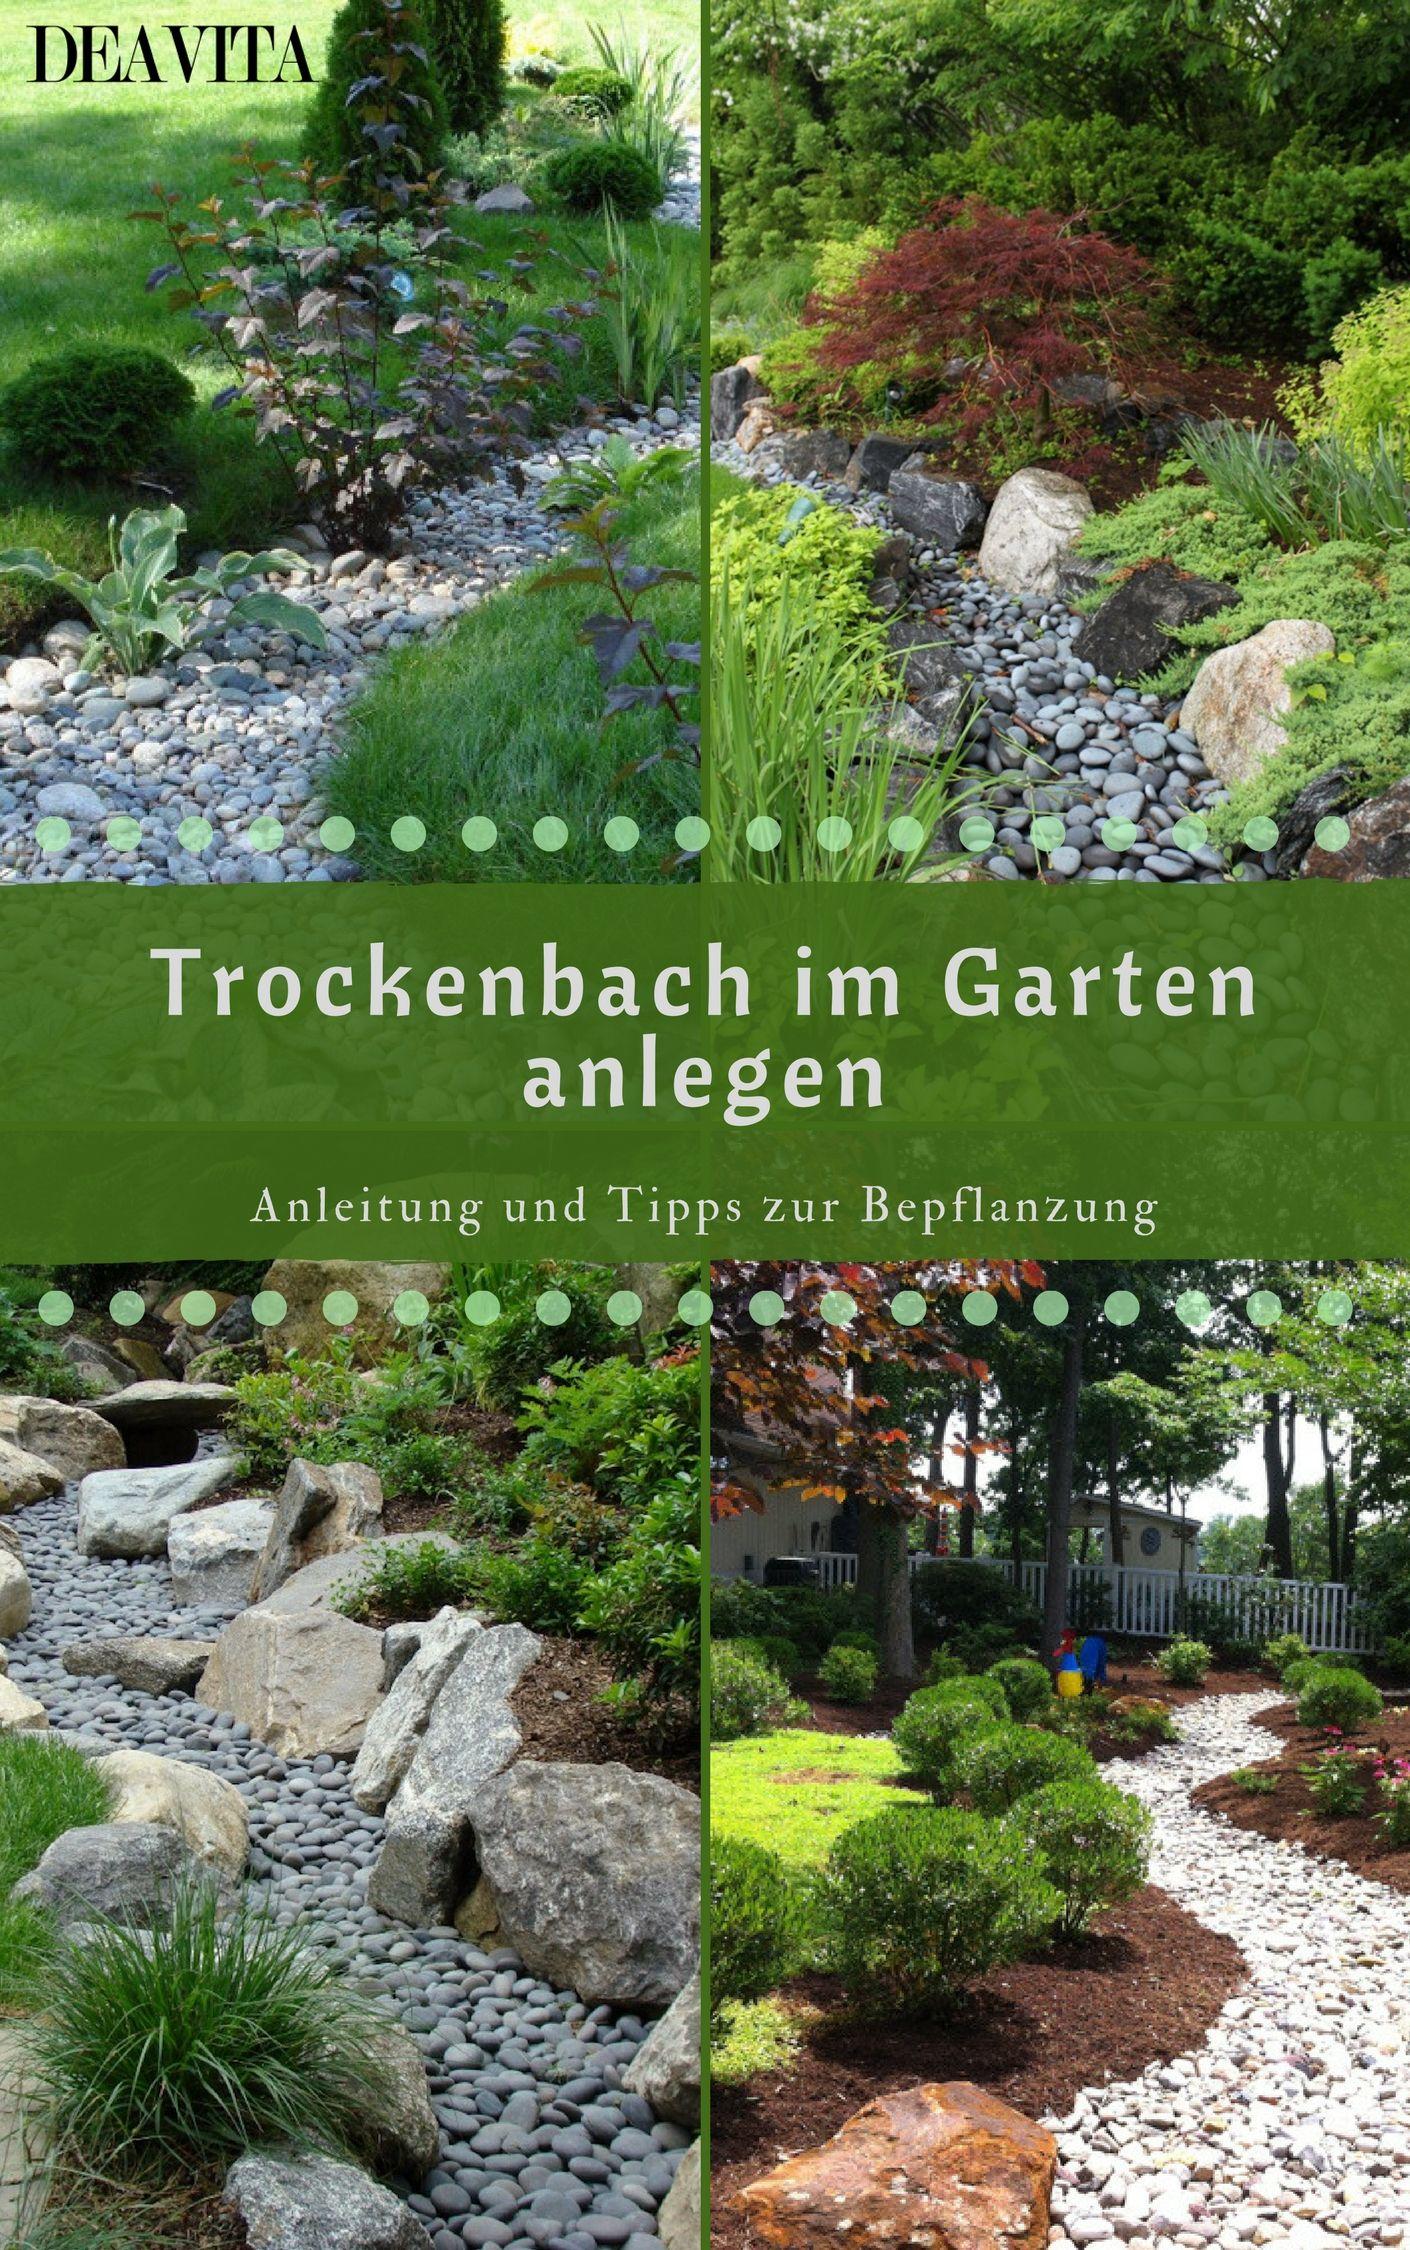 Ein Trockenbach Im Garten Ist Nicht Nur Asthetisch Anspruchsvoll Sondern Erweist Sich Auch Als Eine Praktische Lo Garten Landschaftsbau Garten Garten Anlegen